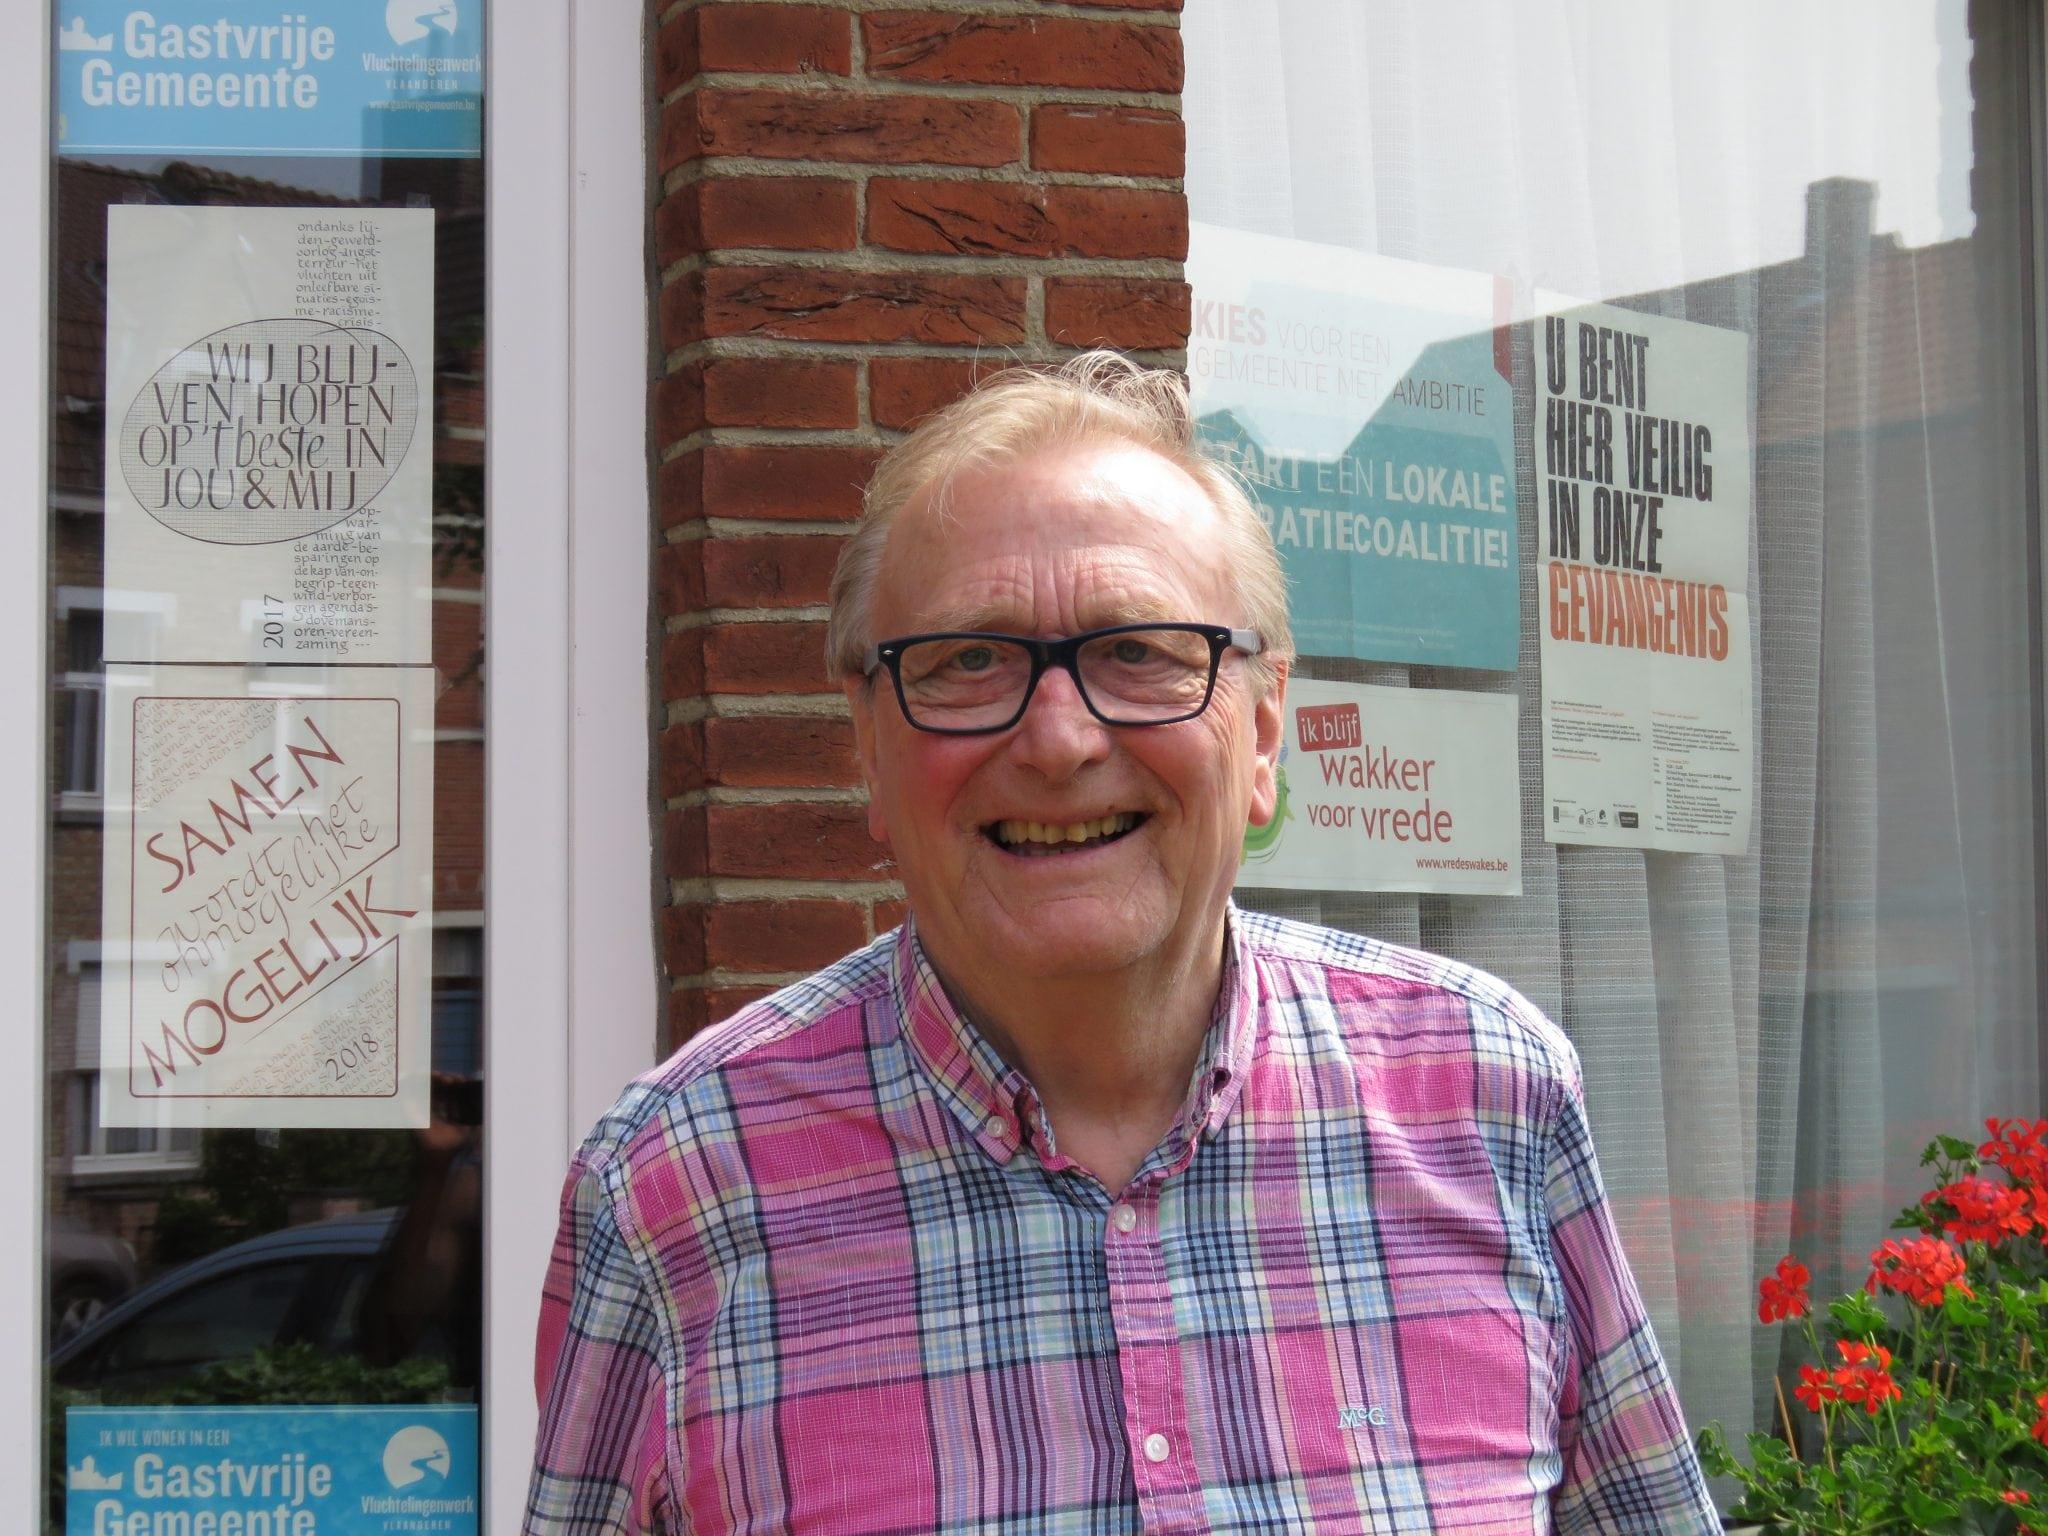 19. Jef Devisscher